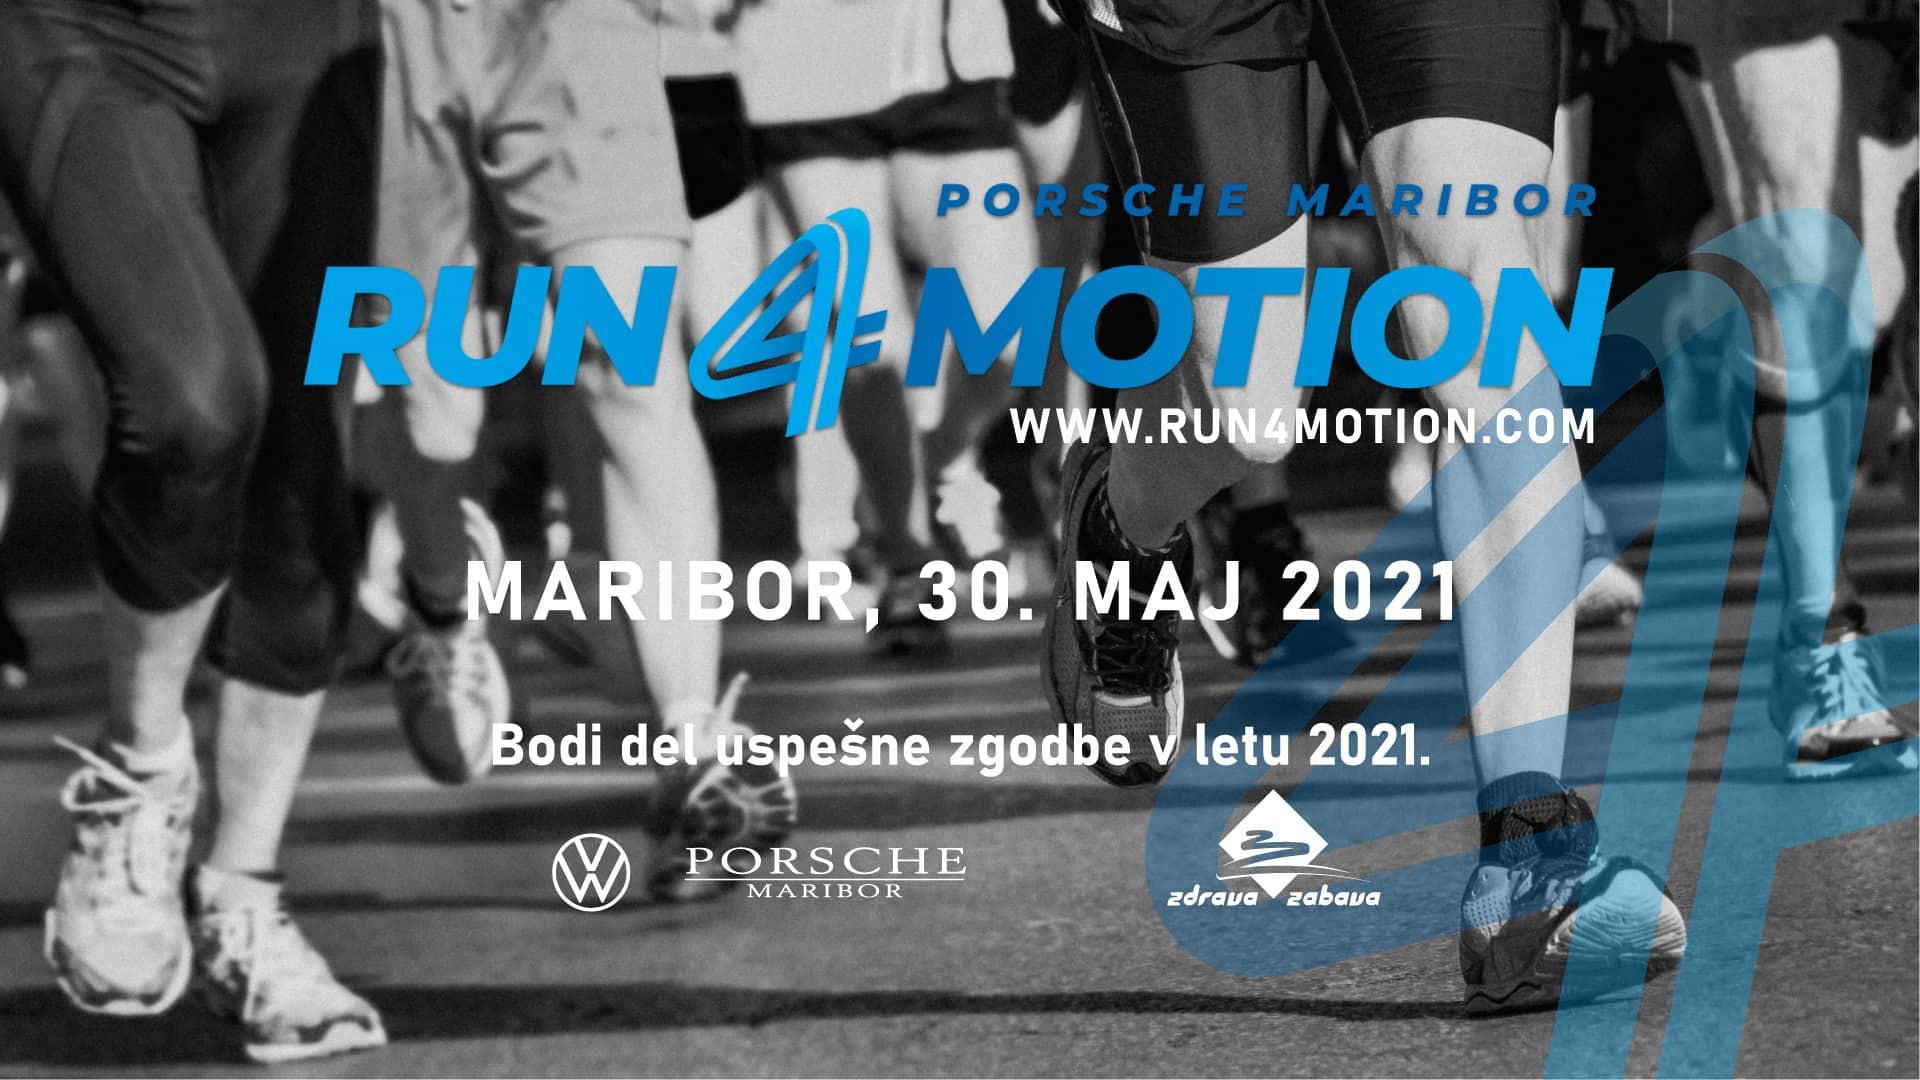 Run4motion_2021_home